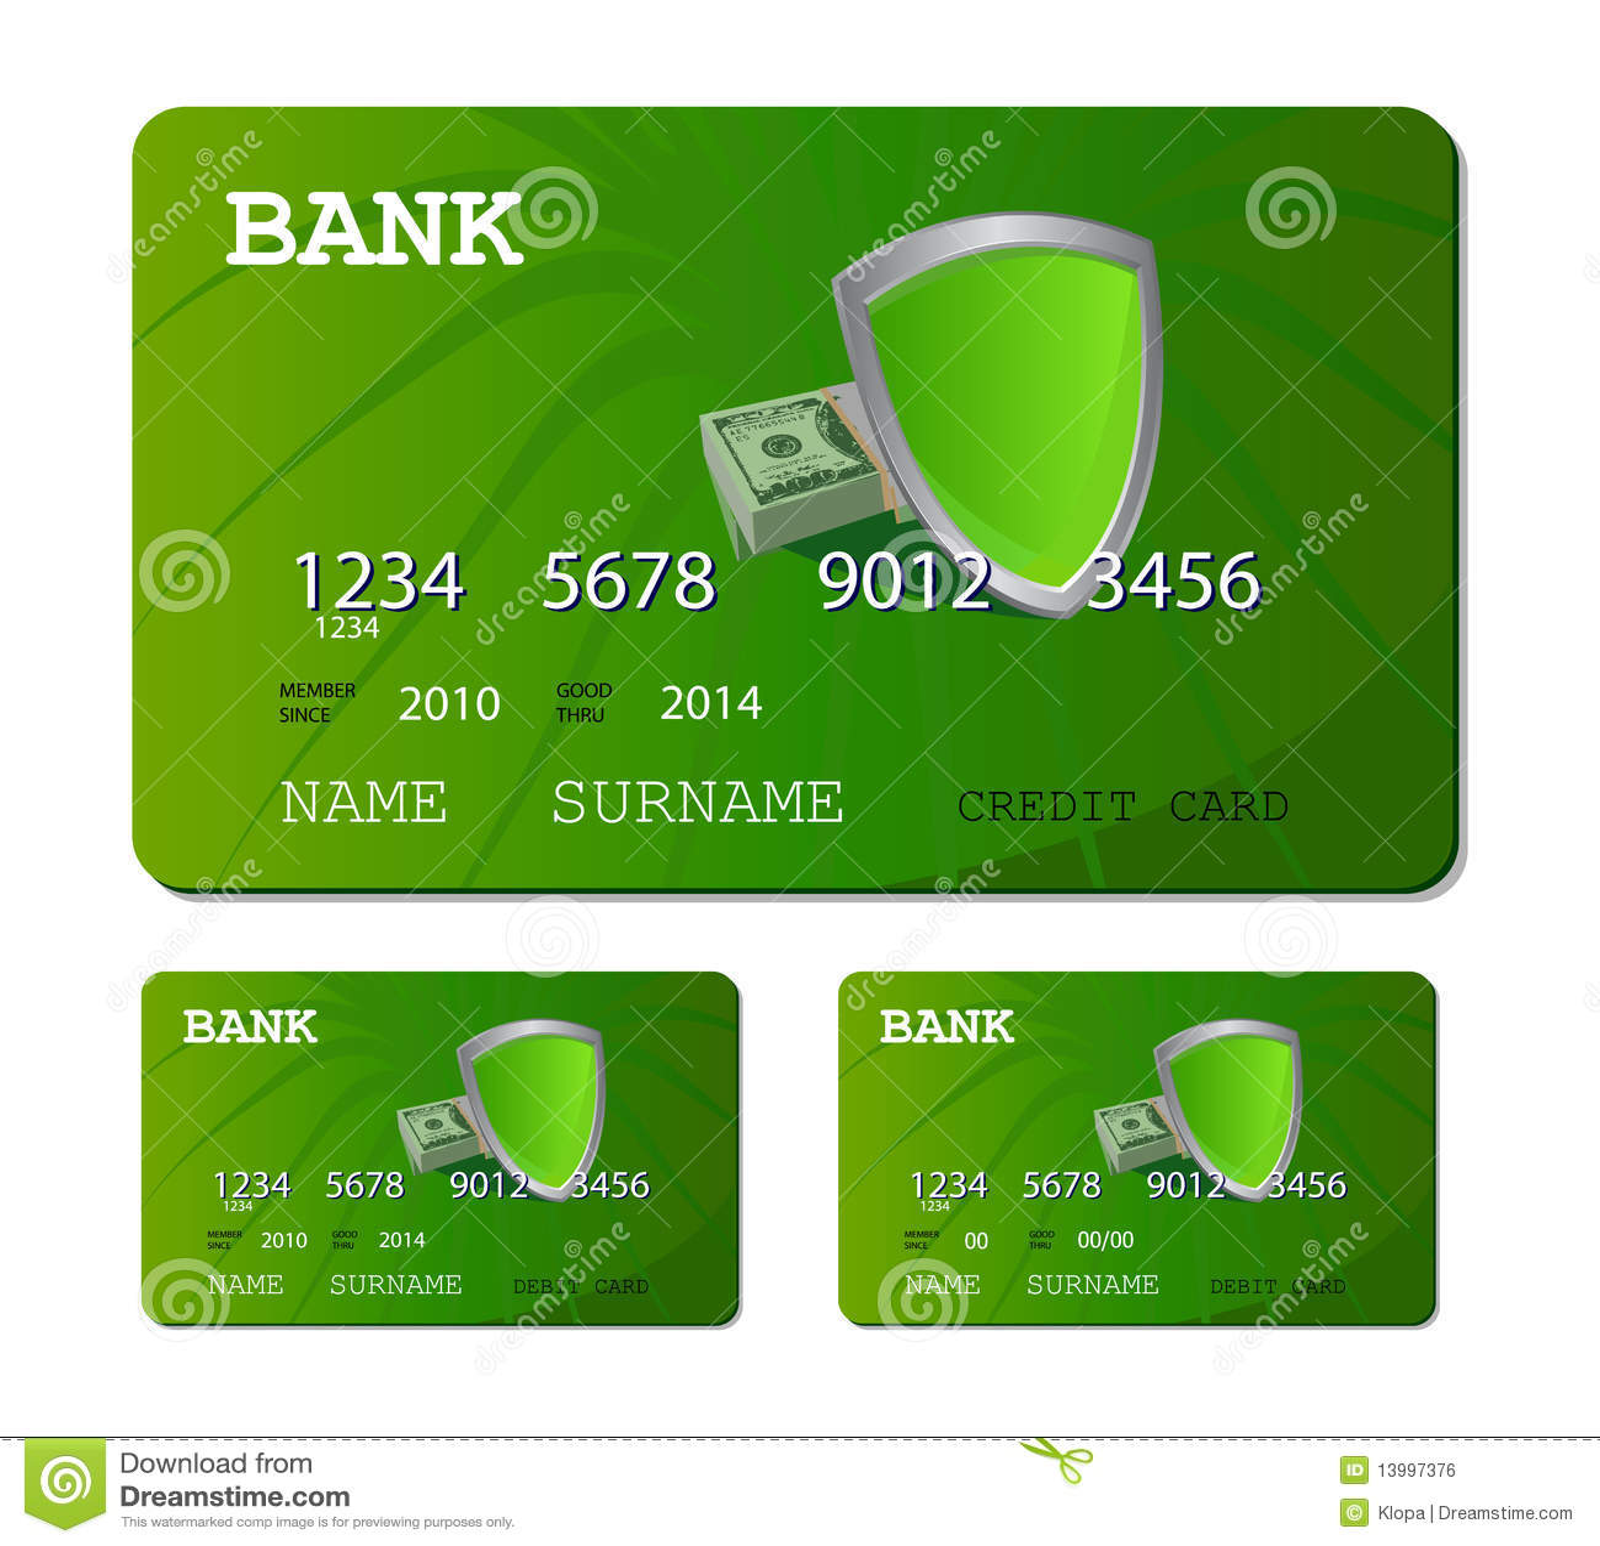 Green Card